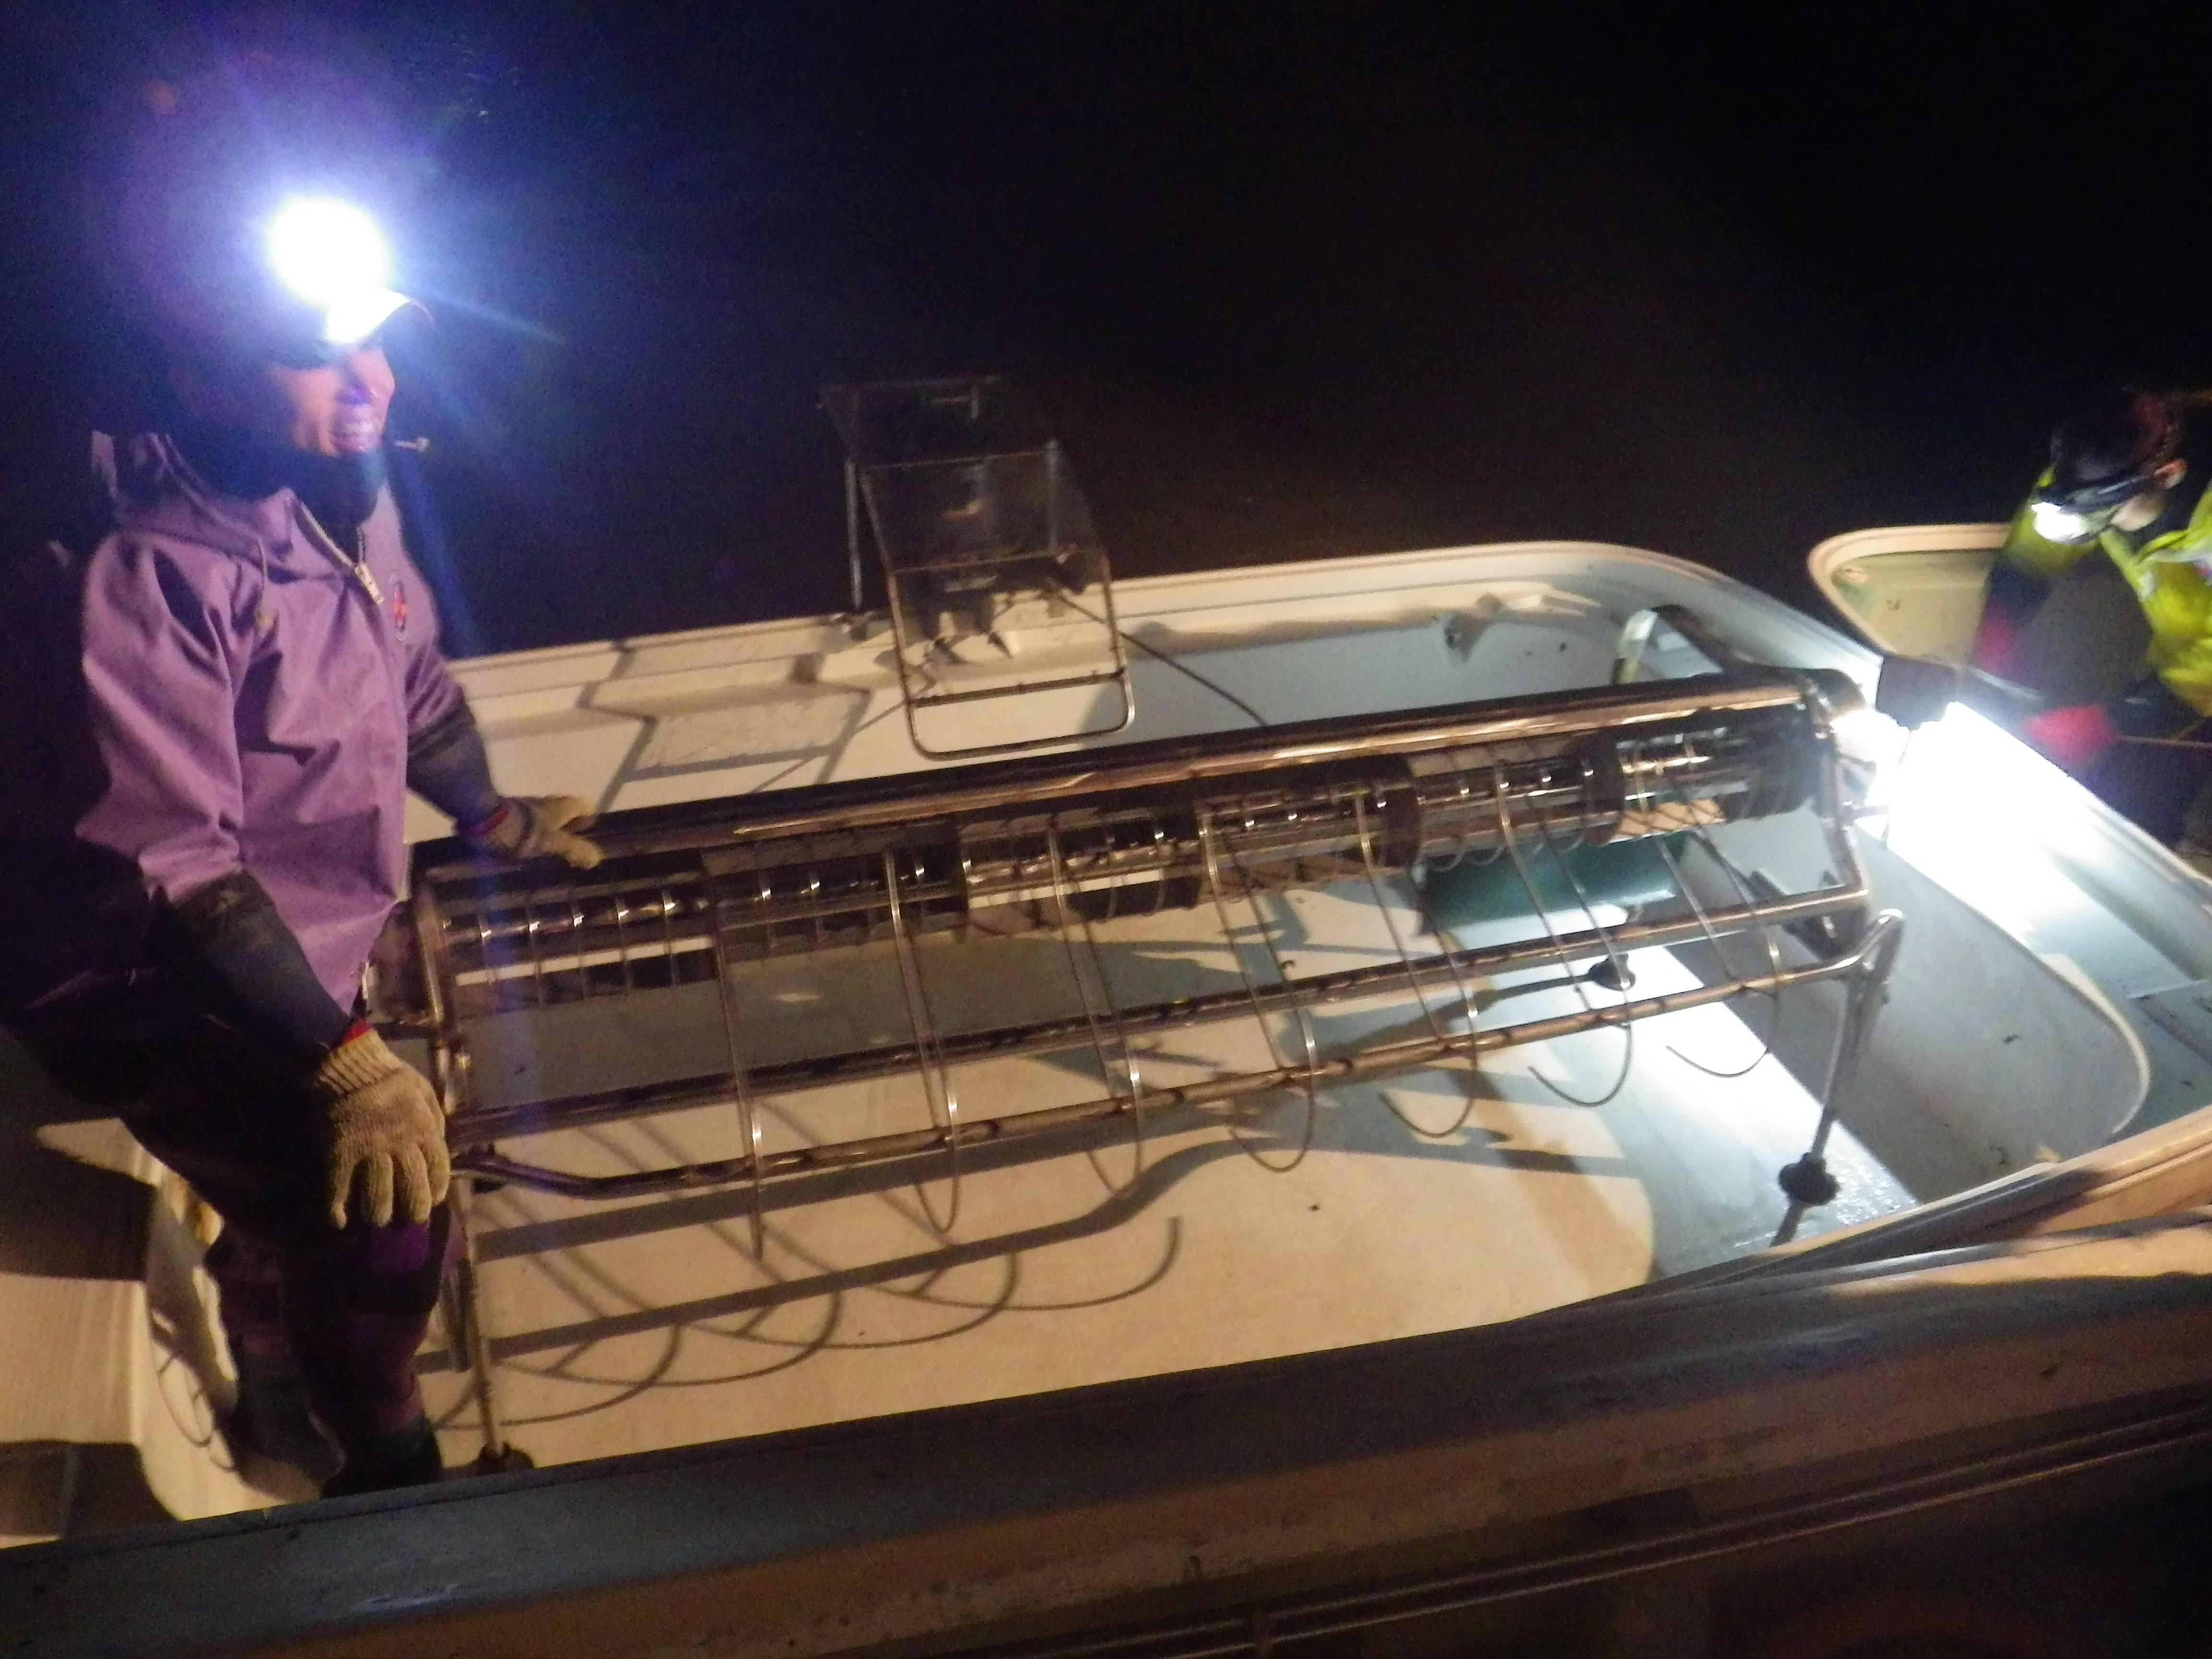 箱船に積まれたノリ摘み機